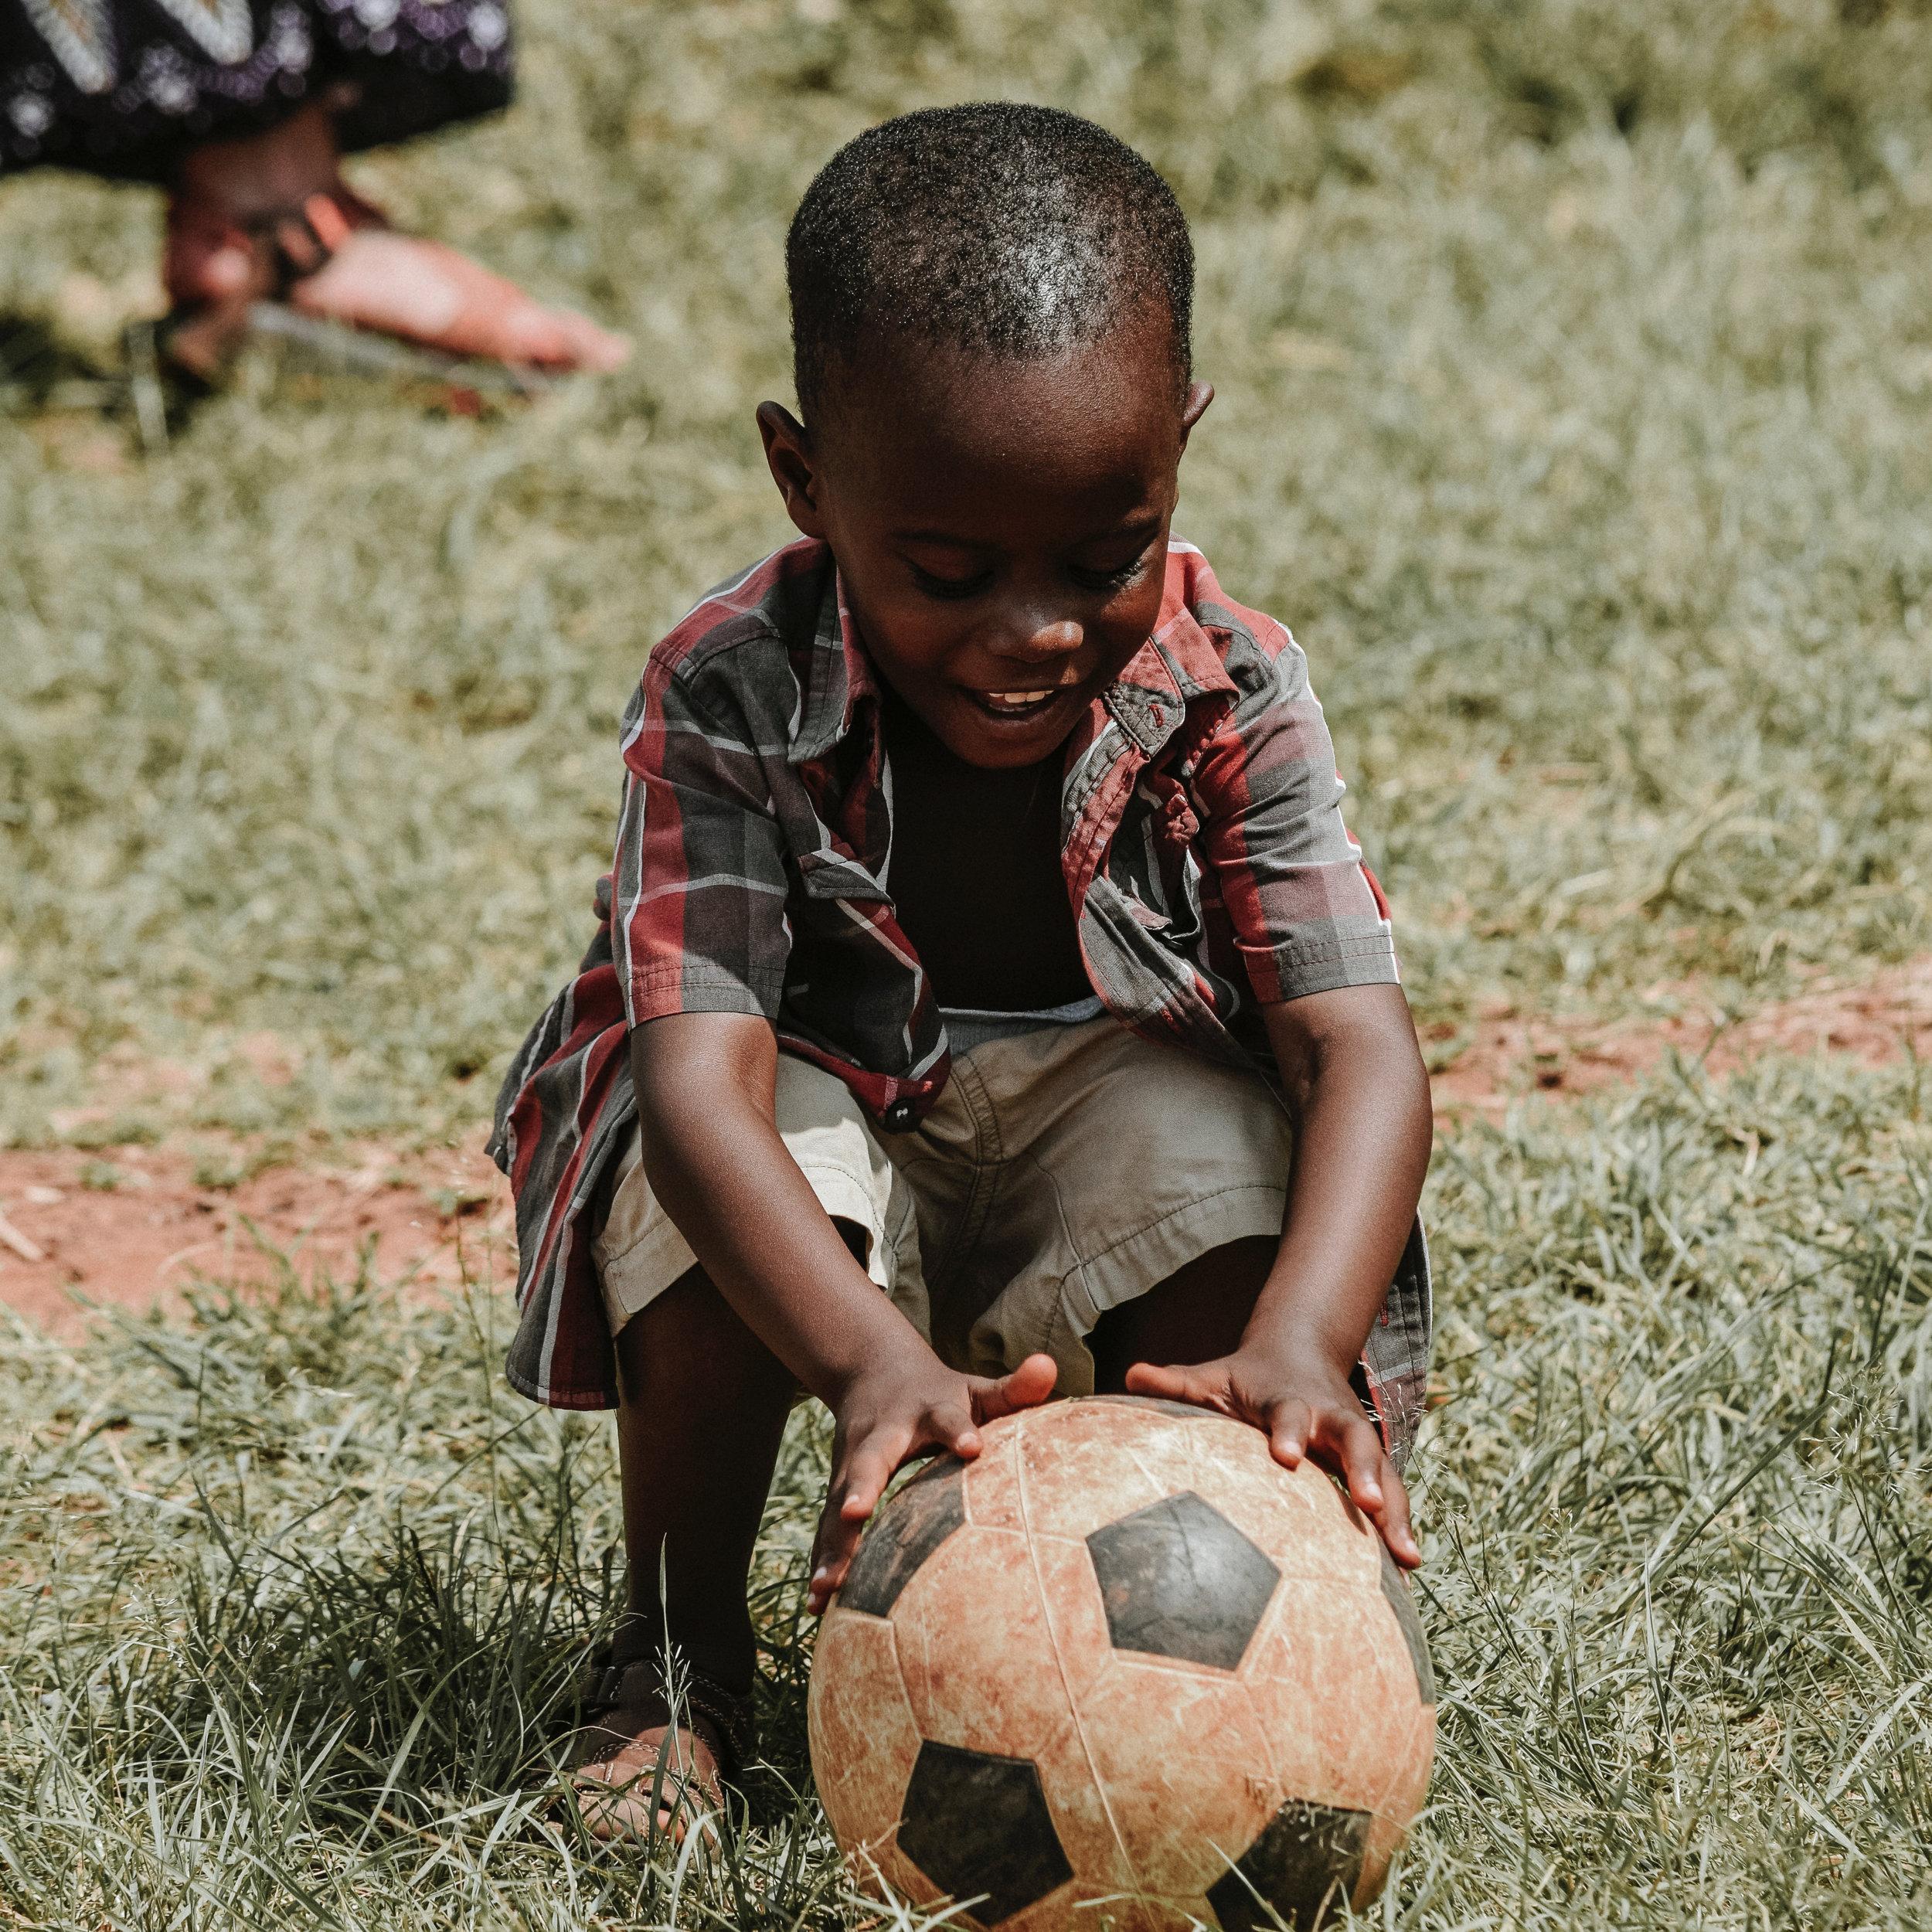 Plymouth_Church_soccer_equipment_drive_for_haiti.jpg